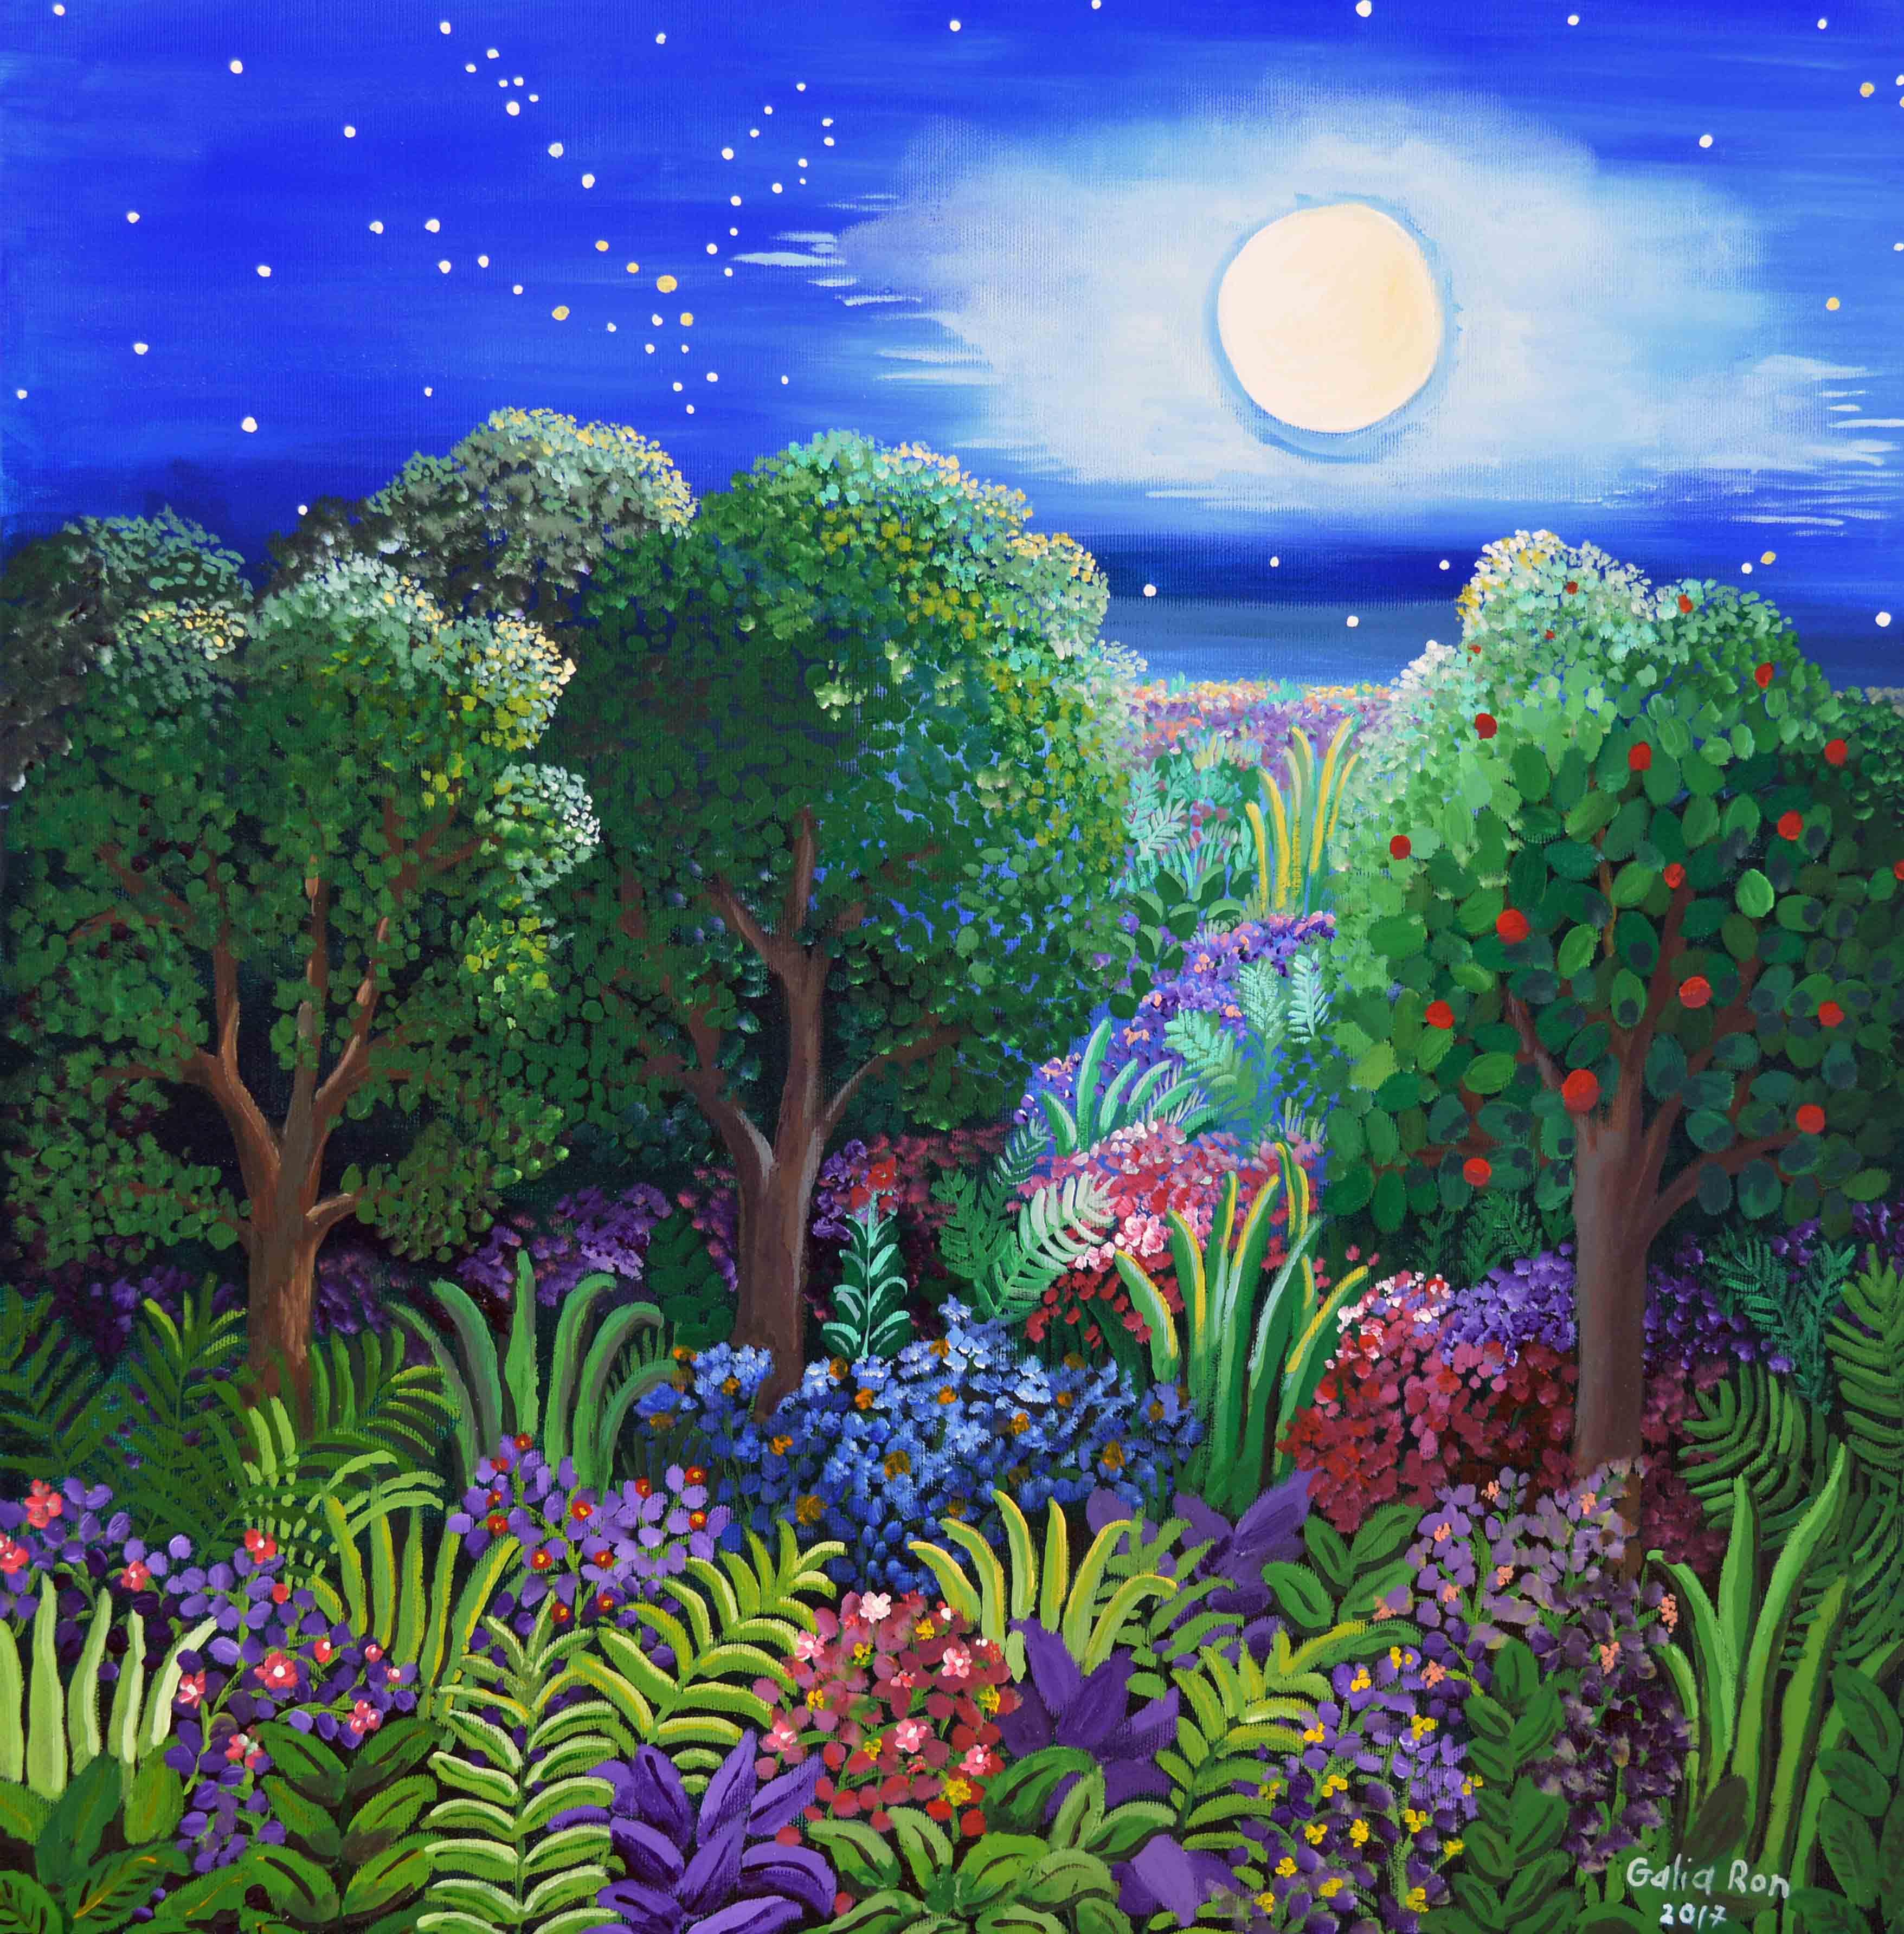 הגן לאור הירח-גליה רון